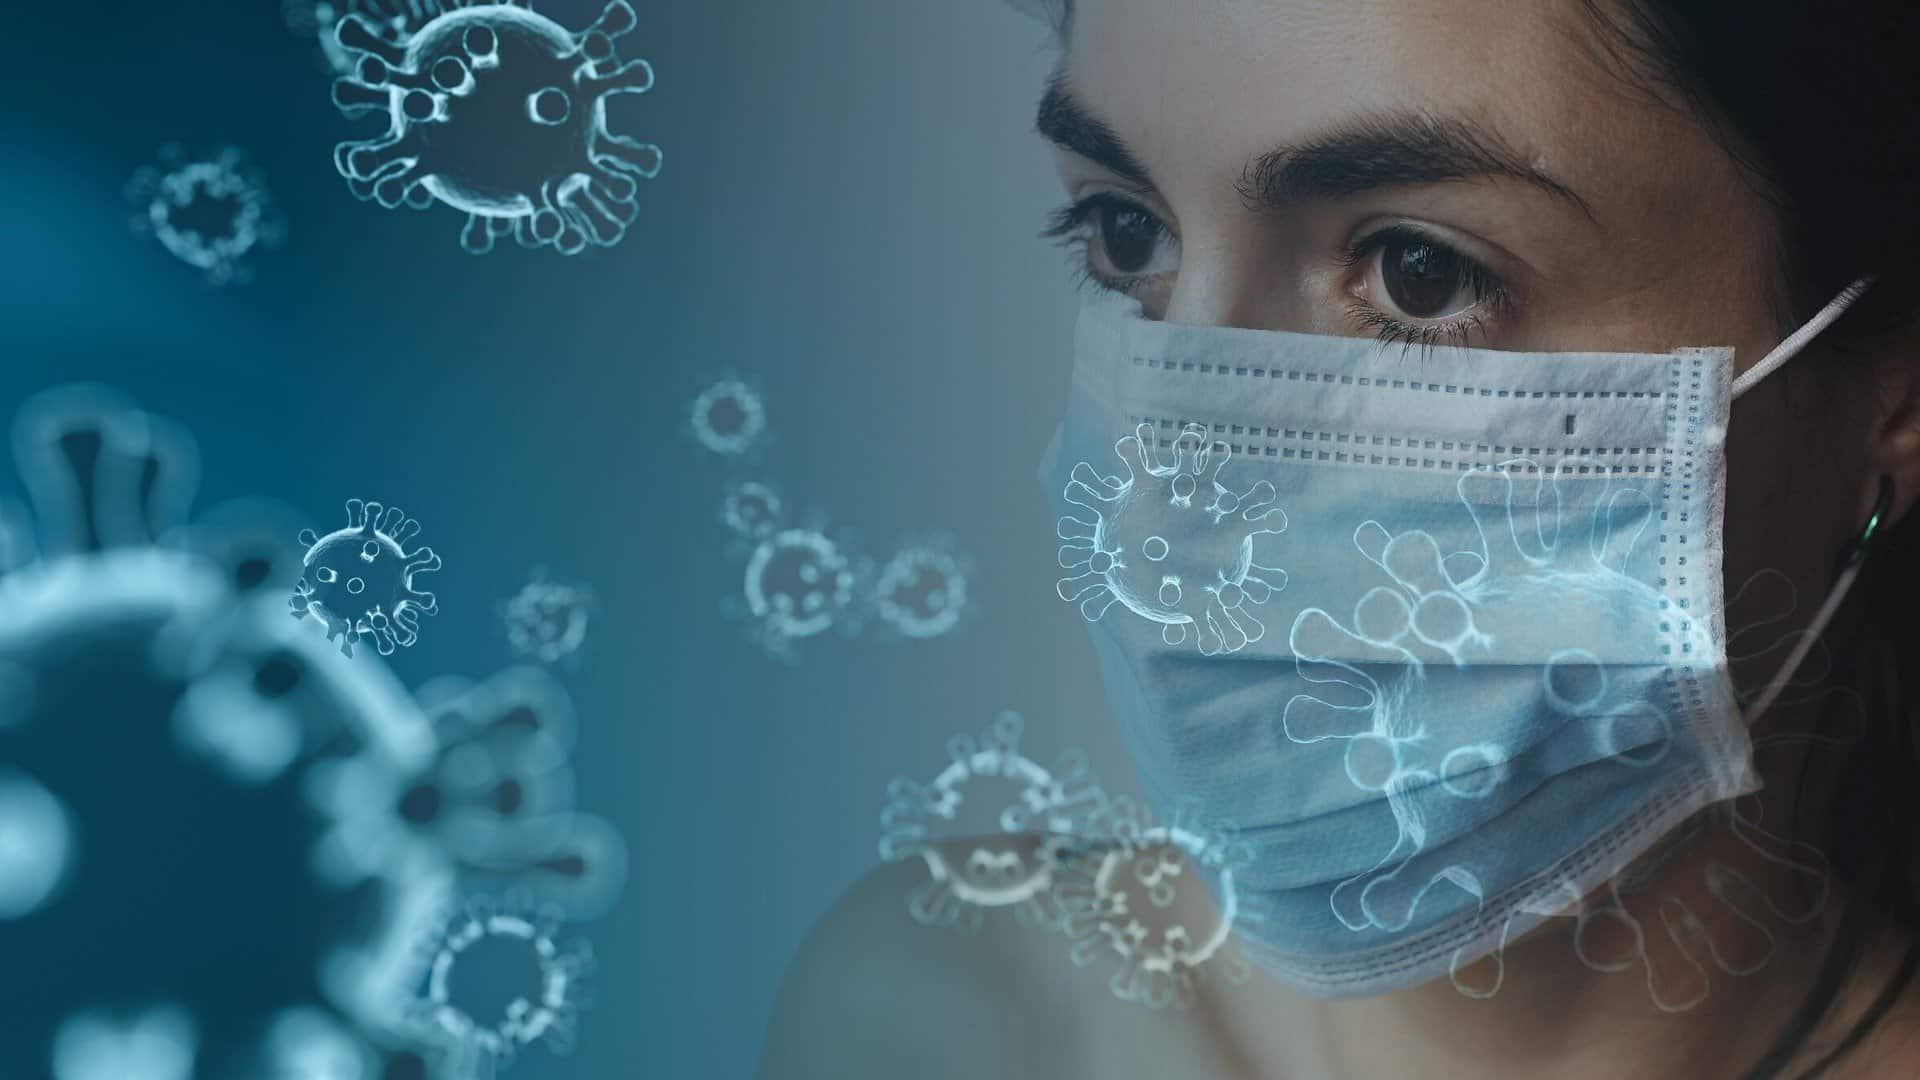 L'appello di una infermiera di Milano: togliere i pin dai cellulari dei pazienti per facilitare contatti